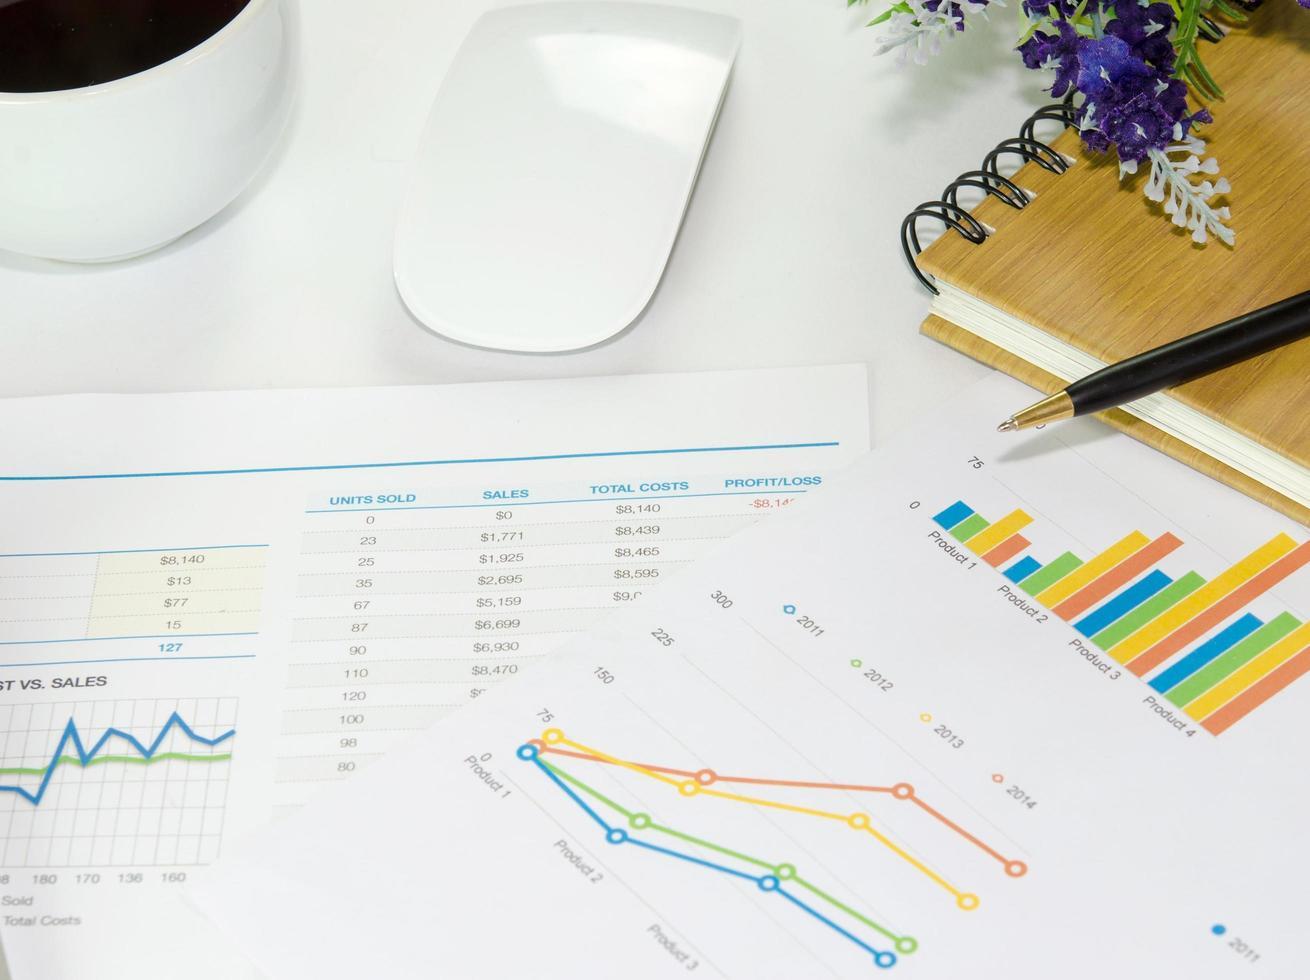 gráficos de negocios en un escritorio foto